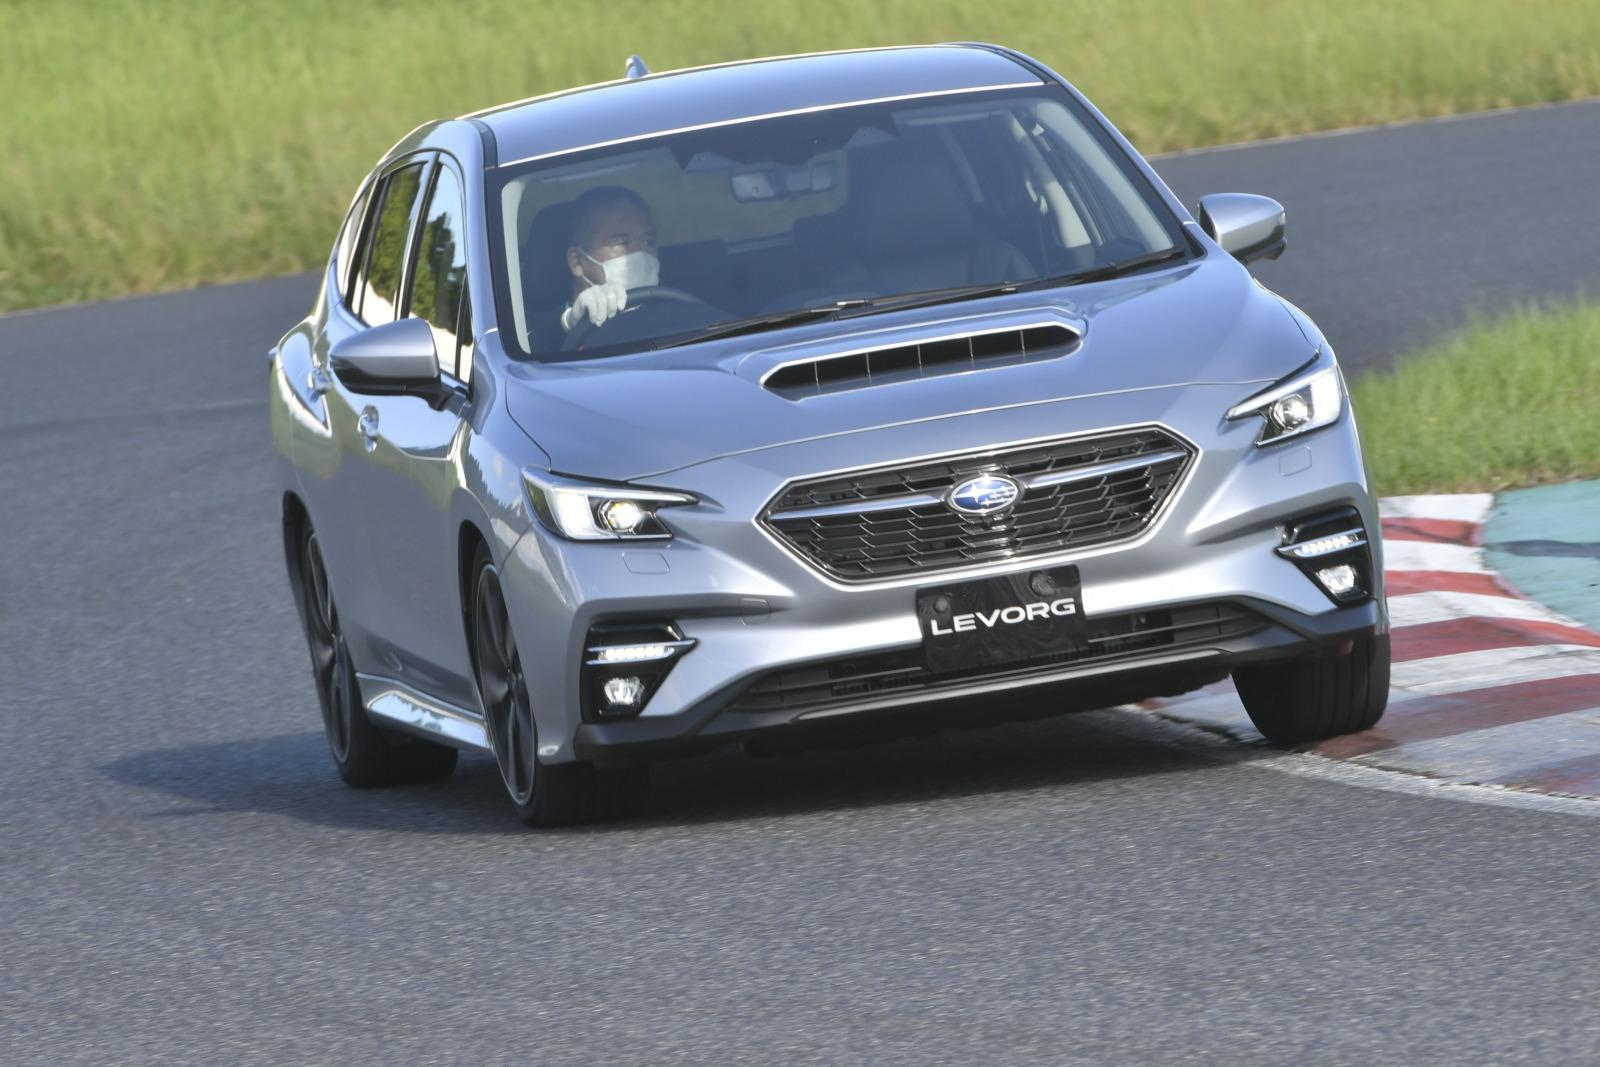 New Levorg GT-H